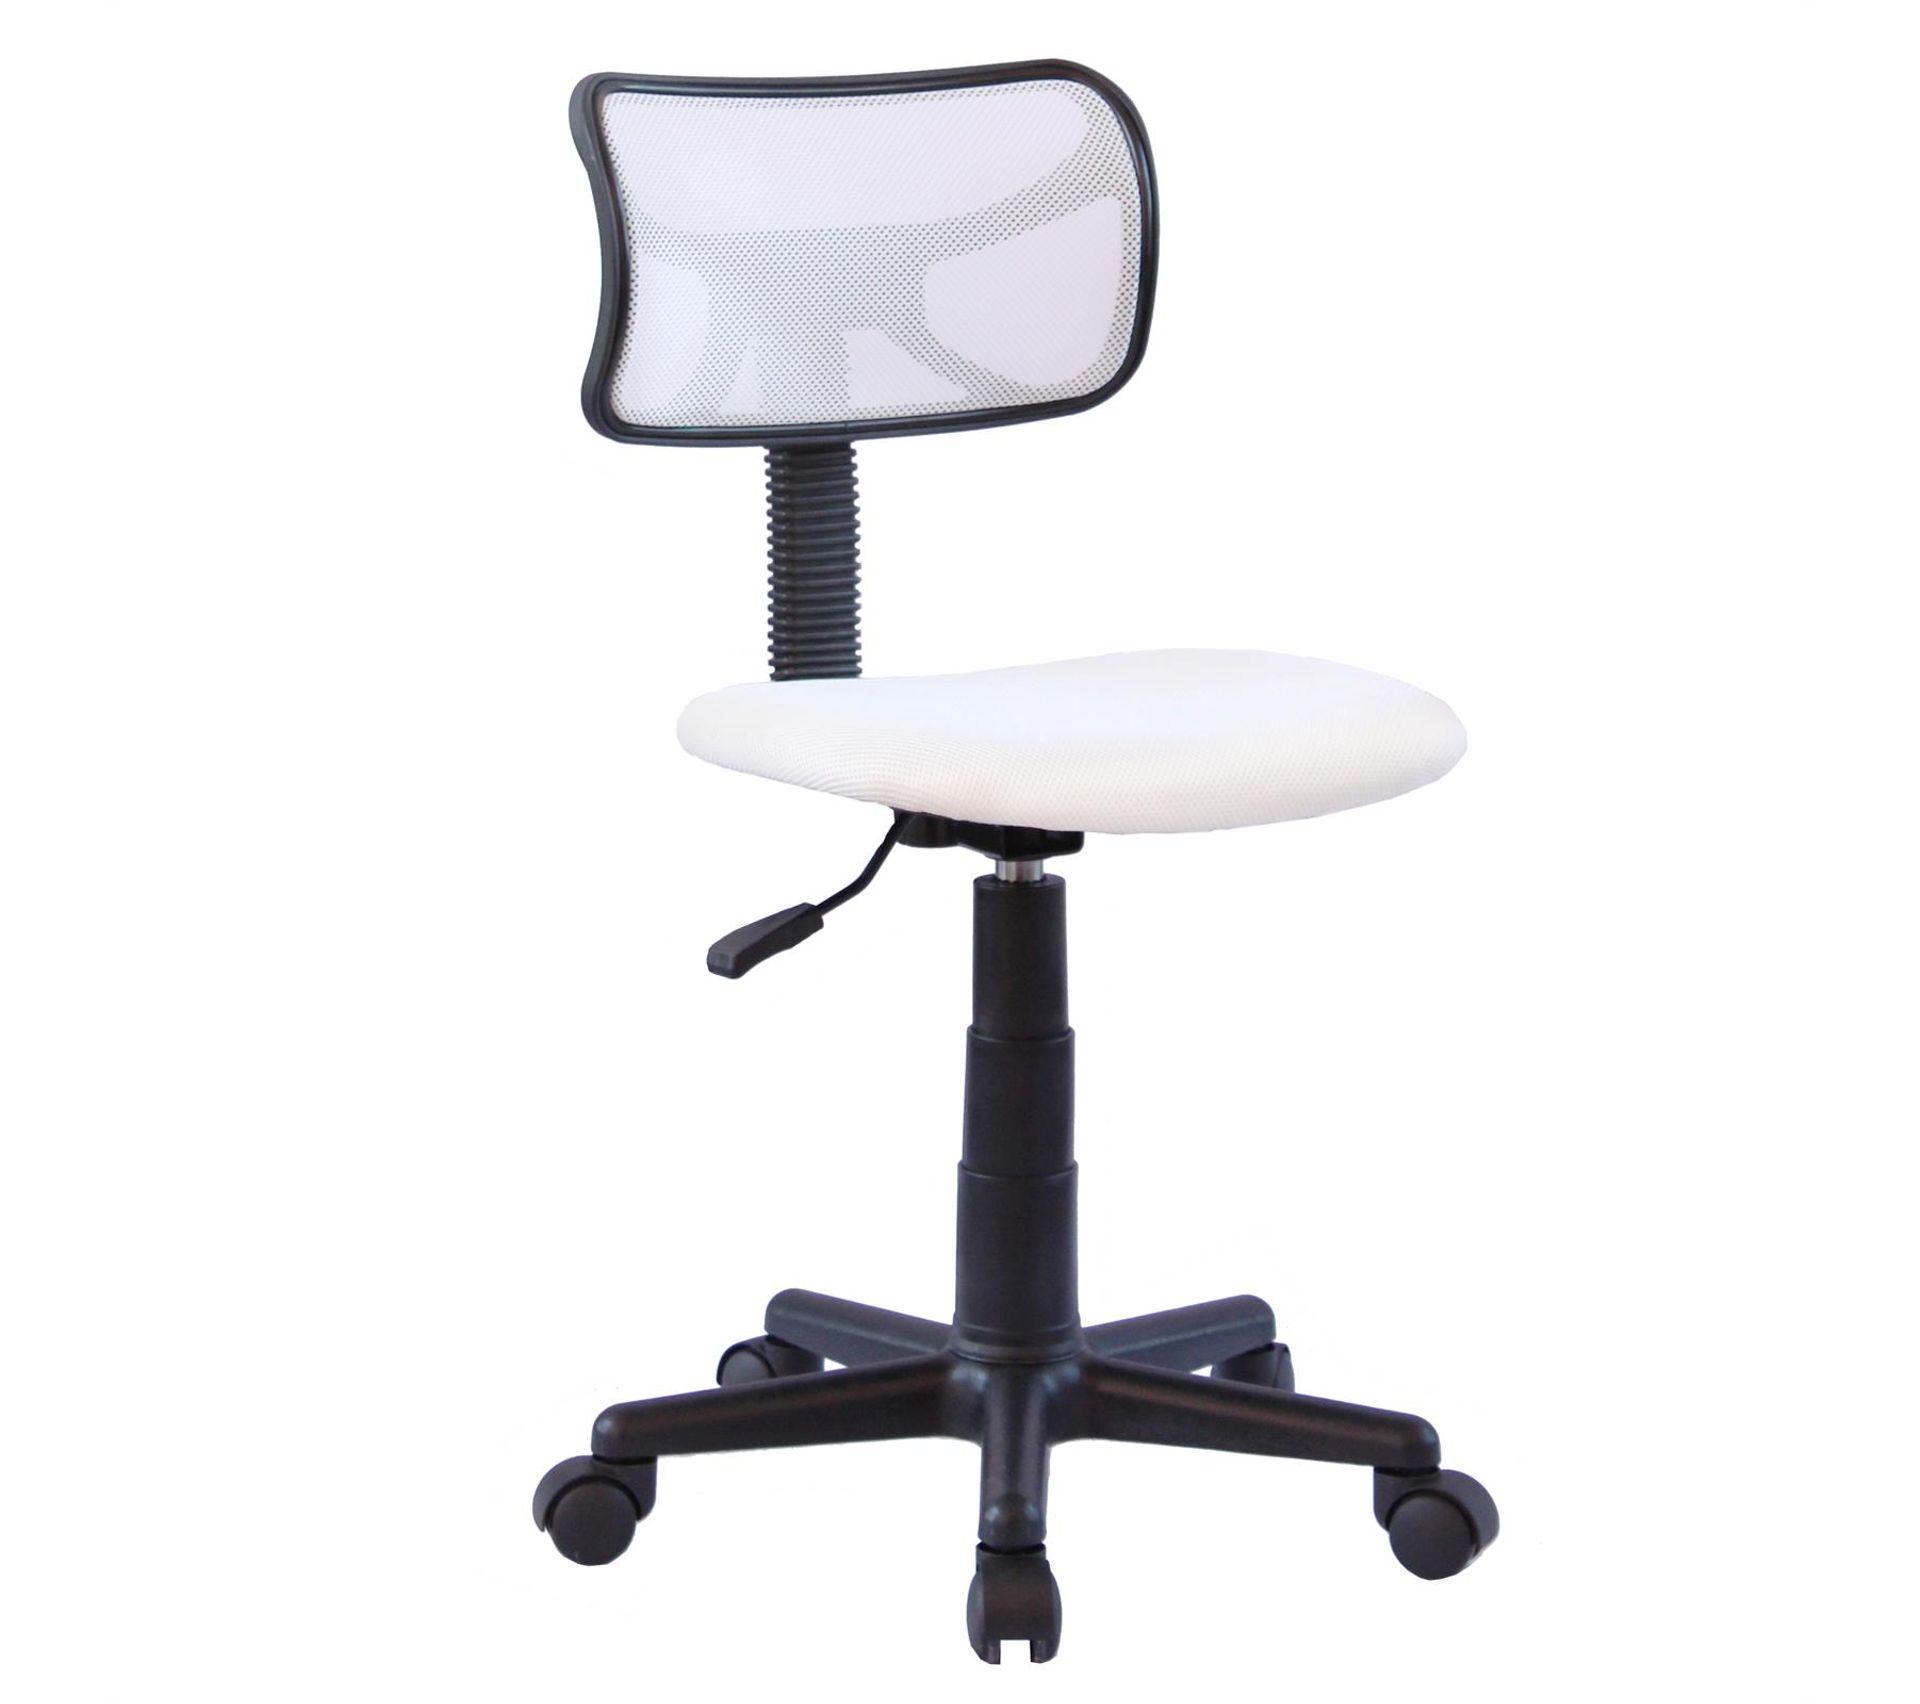 Chaise De Bureau Pour Enfant Milan Pivotant Et Ergonomique Hauteur Réglable, Blanc